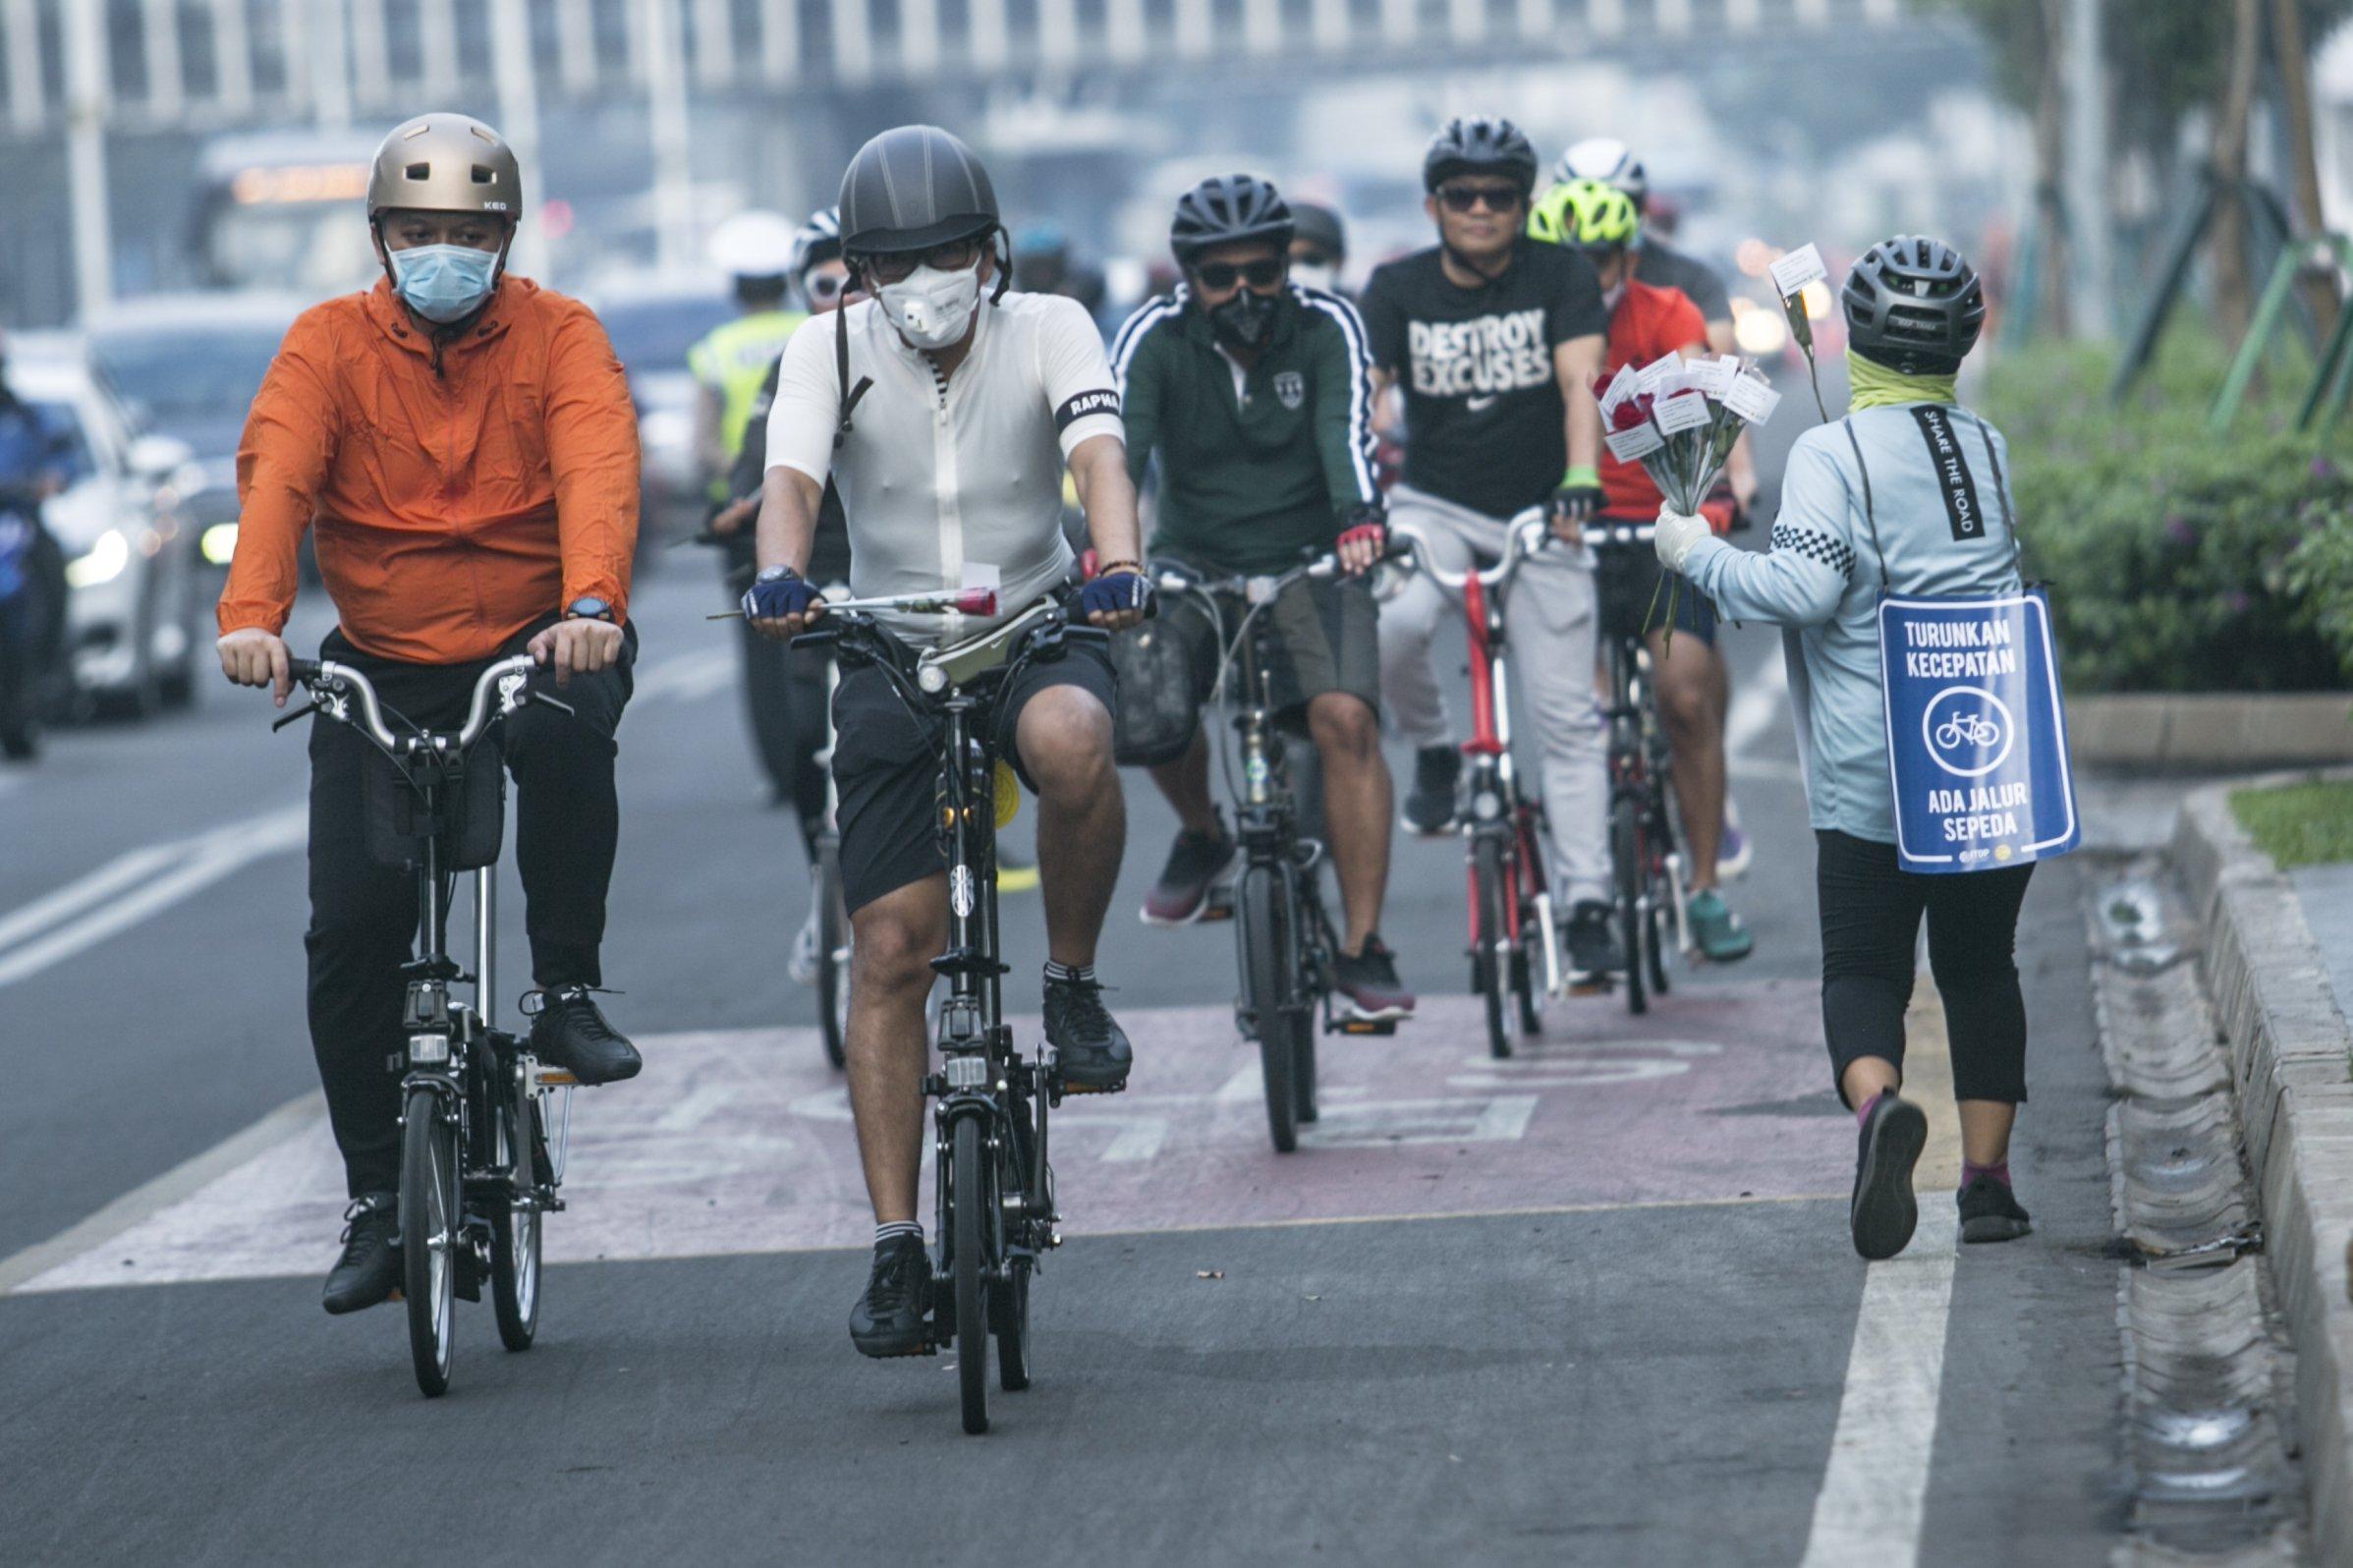 Anggota komunitas sepeda membagikan bunga di Kawasan Jalan Sudirman, Jakarta Pusat. Kegiatan pembagian bunga tersebut bertujuan Untuk mengajak masyarakat menggunakan sepeda agar ramai lingkungan.